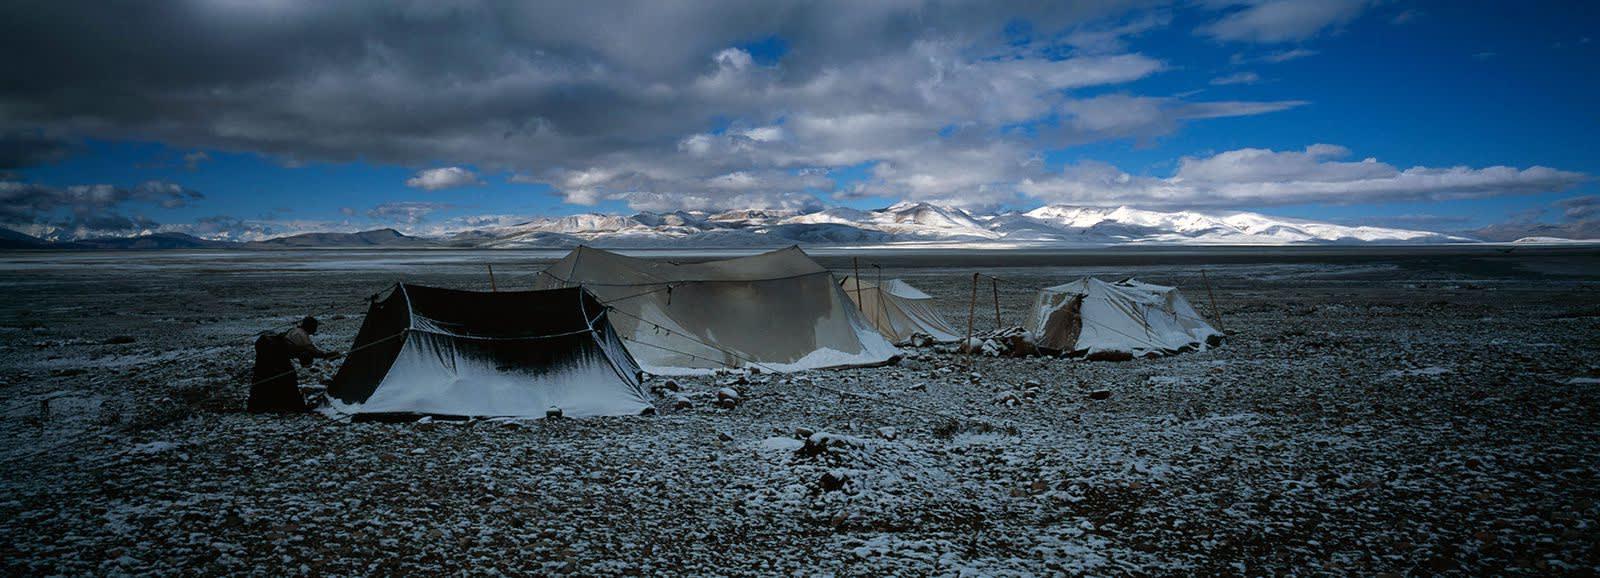 Matjaž Krivic, Darchen, Tibet, 2002 – 2006